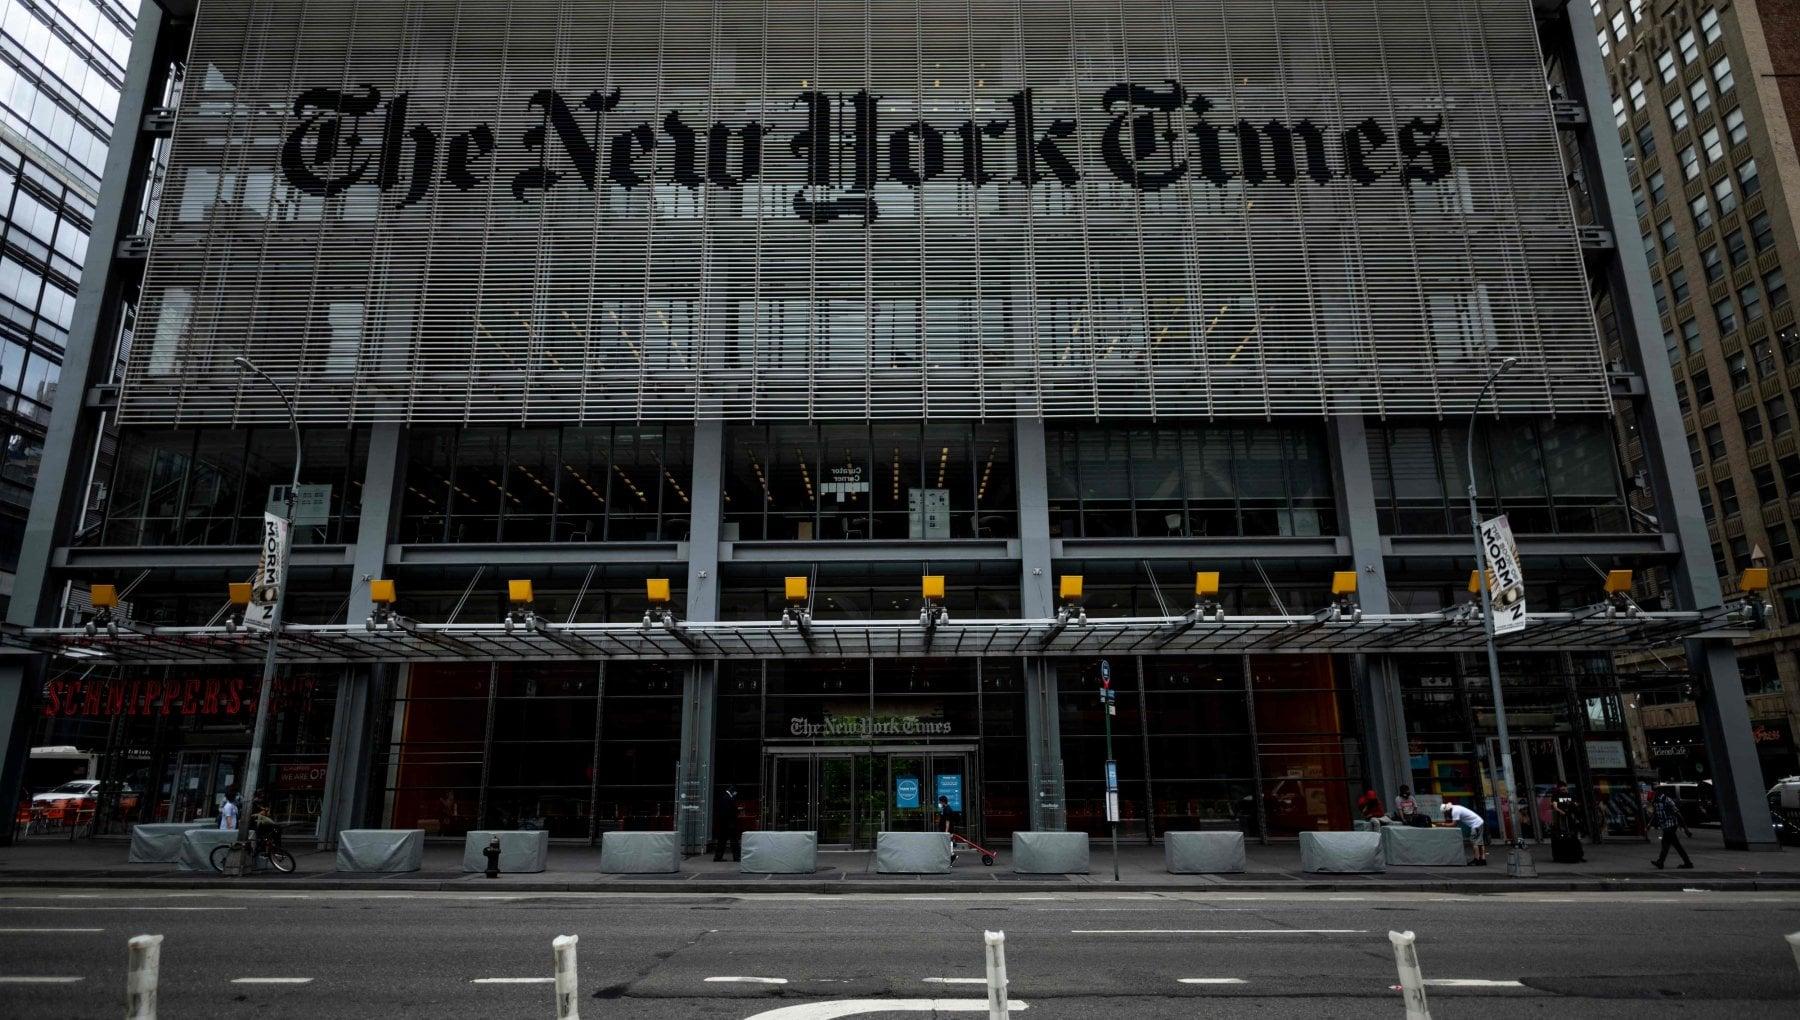 174843347 c0c32c76 35e3 4a1c 9cb2 bdf419c87ab2 - Usa, crollo di ascolti e di lettori: senza Trump l'informazione va in crisi